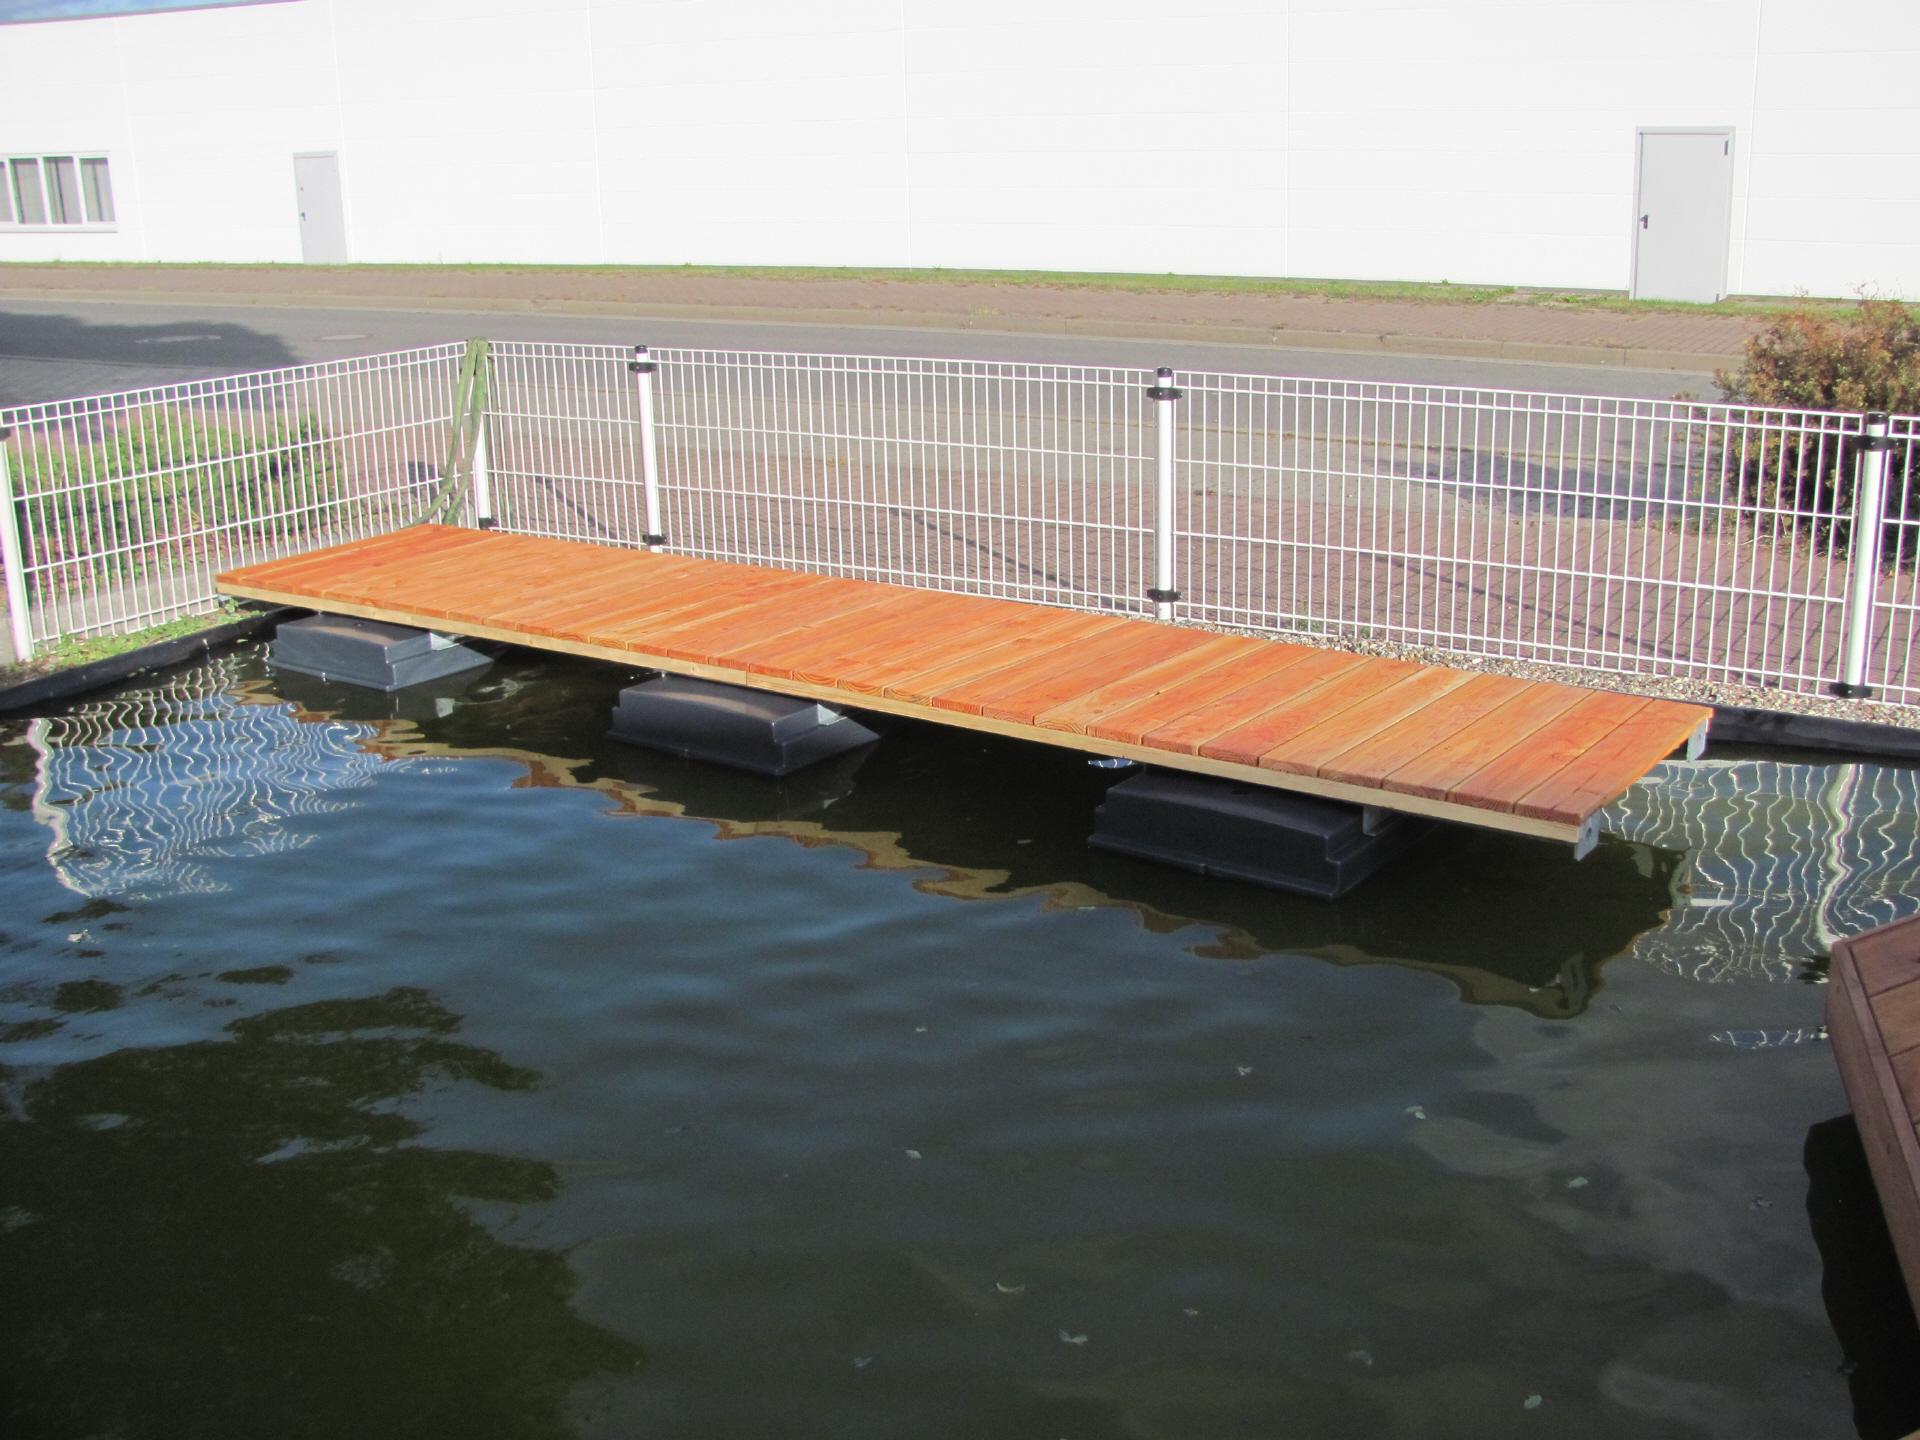 easy dick ponton typ 143 pe schwimmk rper f r stege schwimm und arbeitsinseln ebay. Black Bedroom Furniture Sets. Home Design Ideas